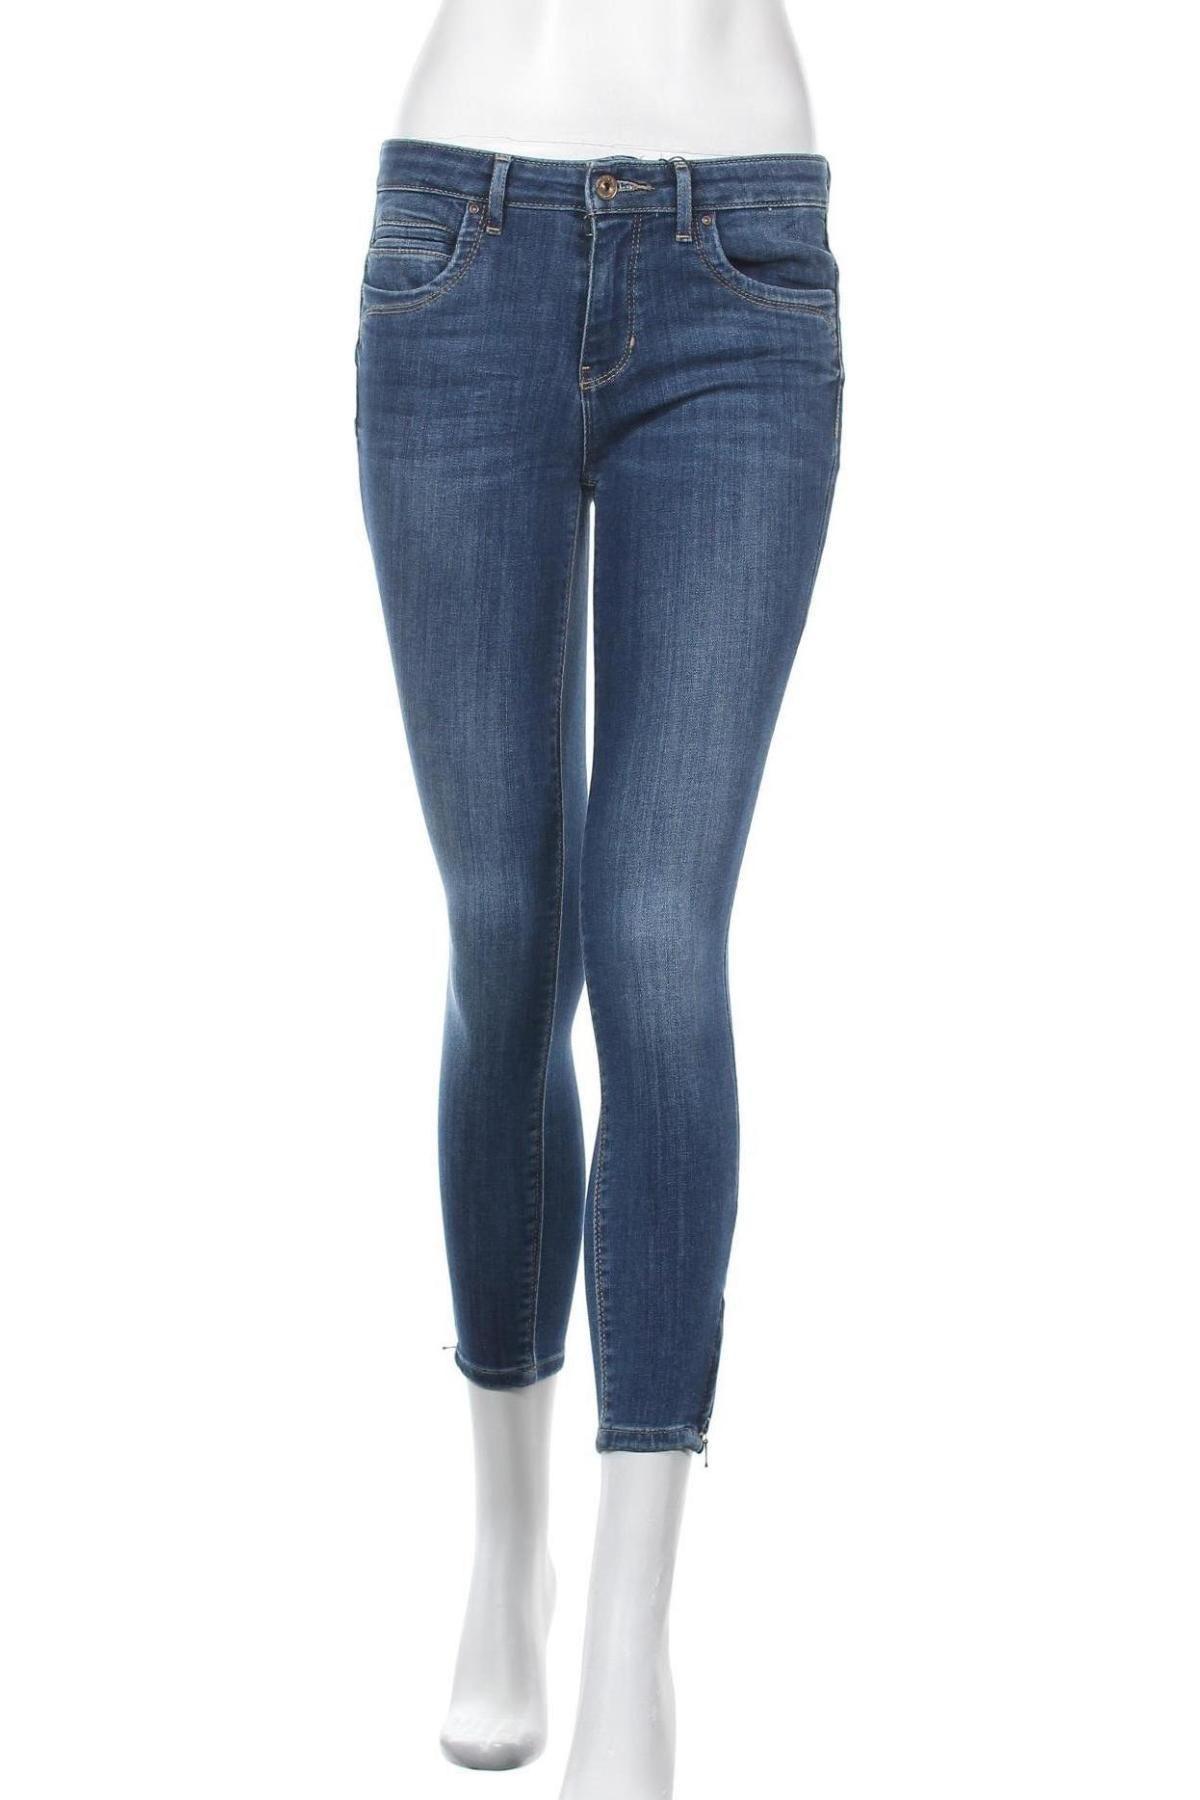 Дамски дънки ONLY, Размер M, Цвят Син, 84% памук, 14% полиестер, 2% еластан, Цена 44,25лв.